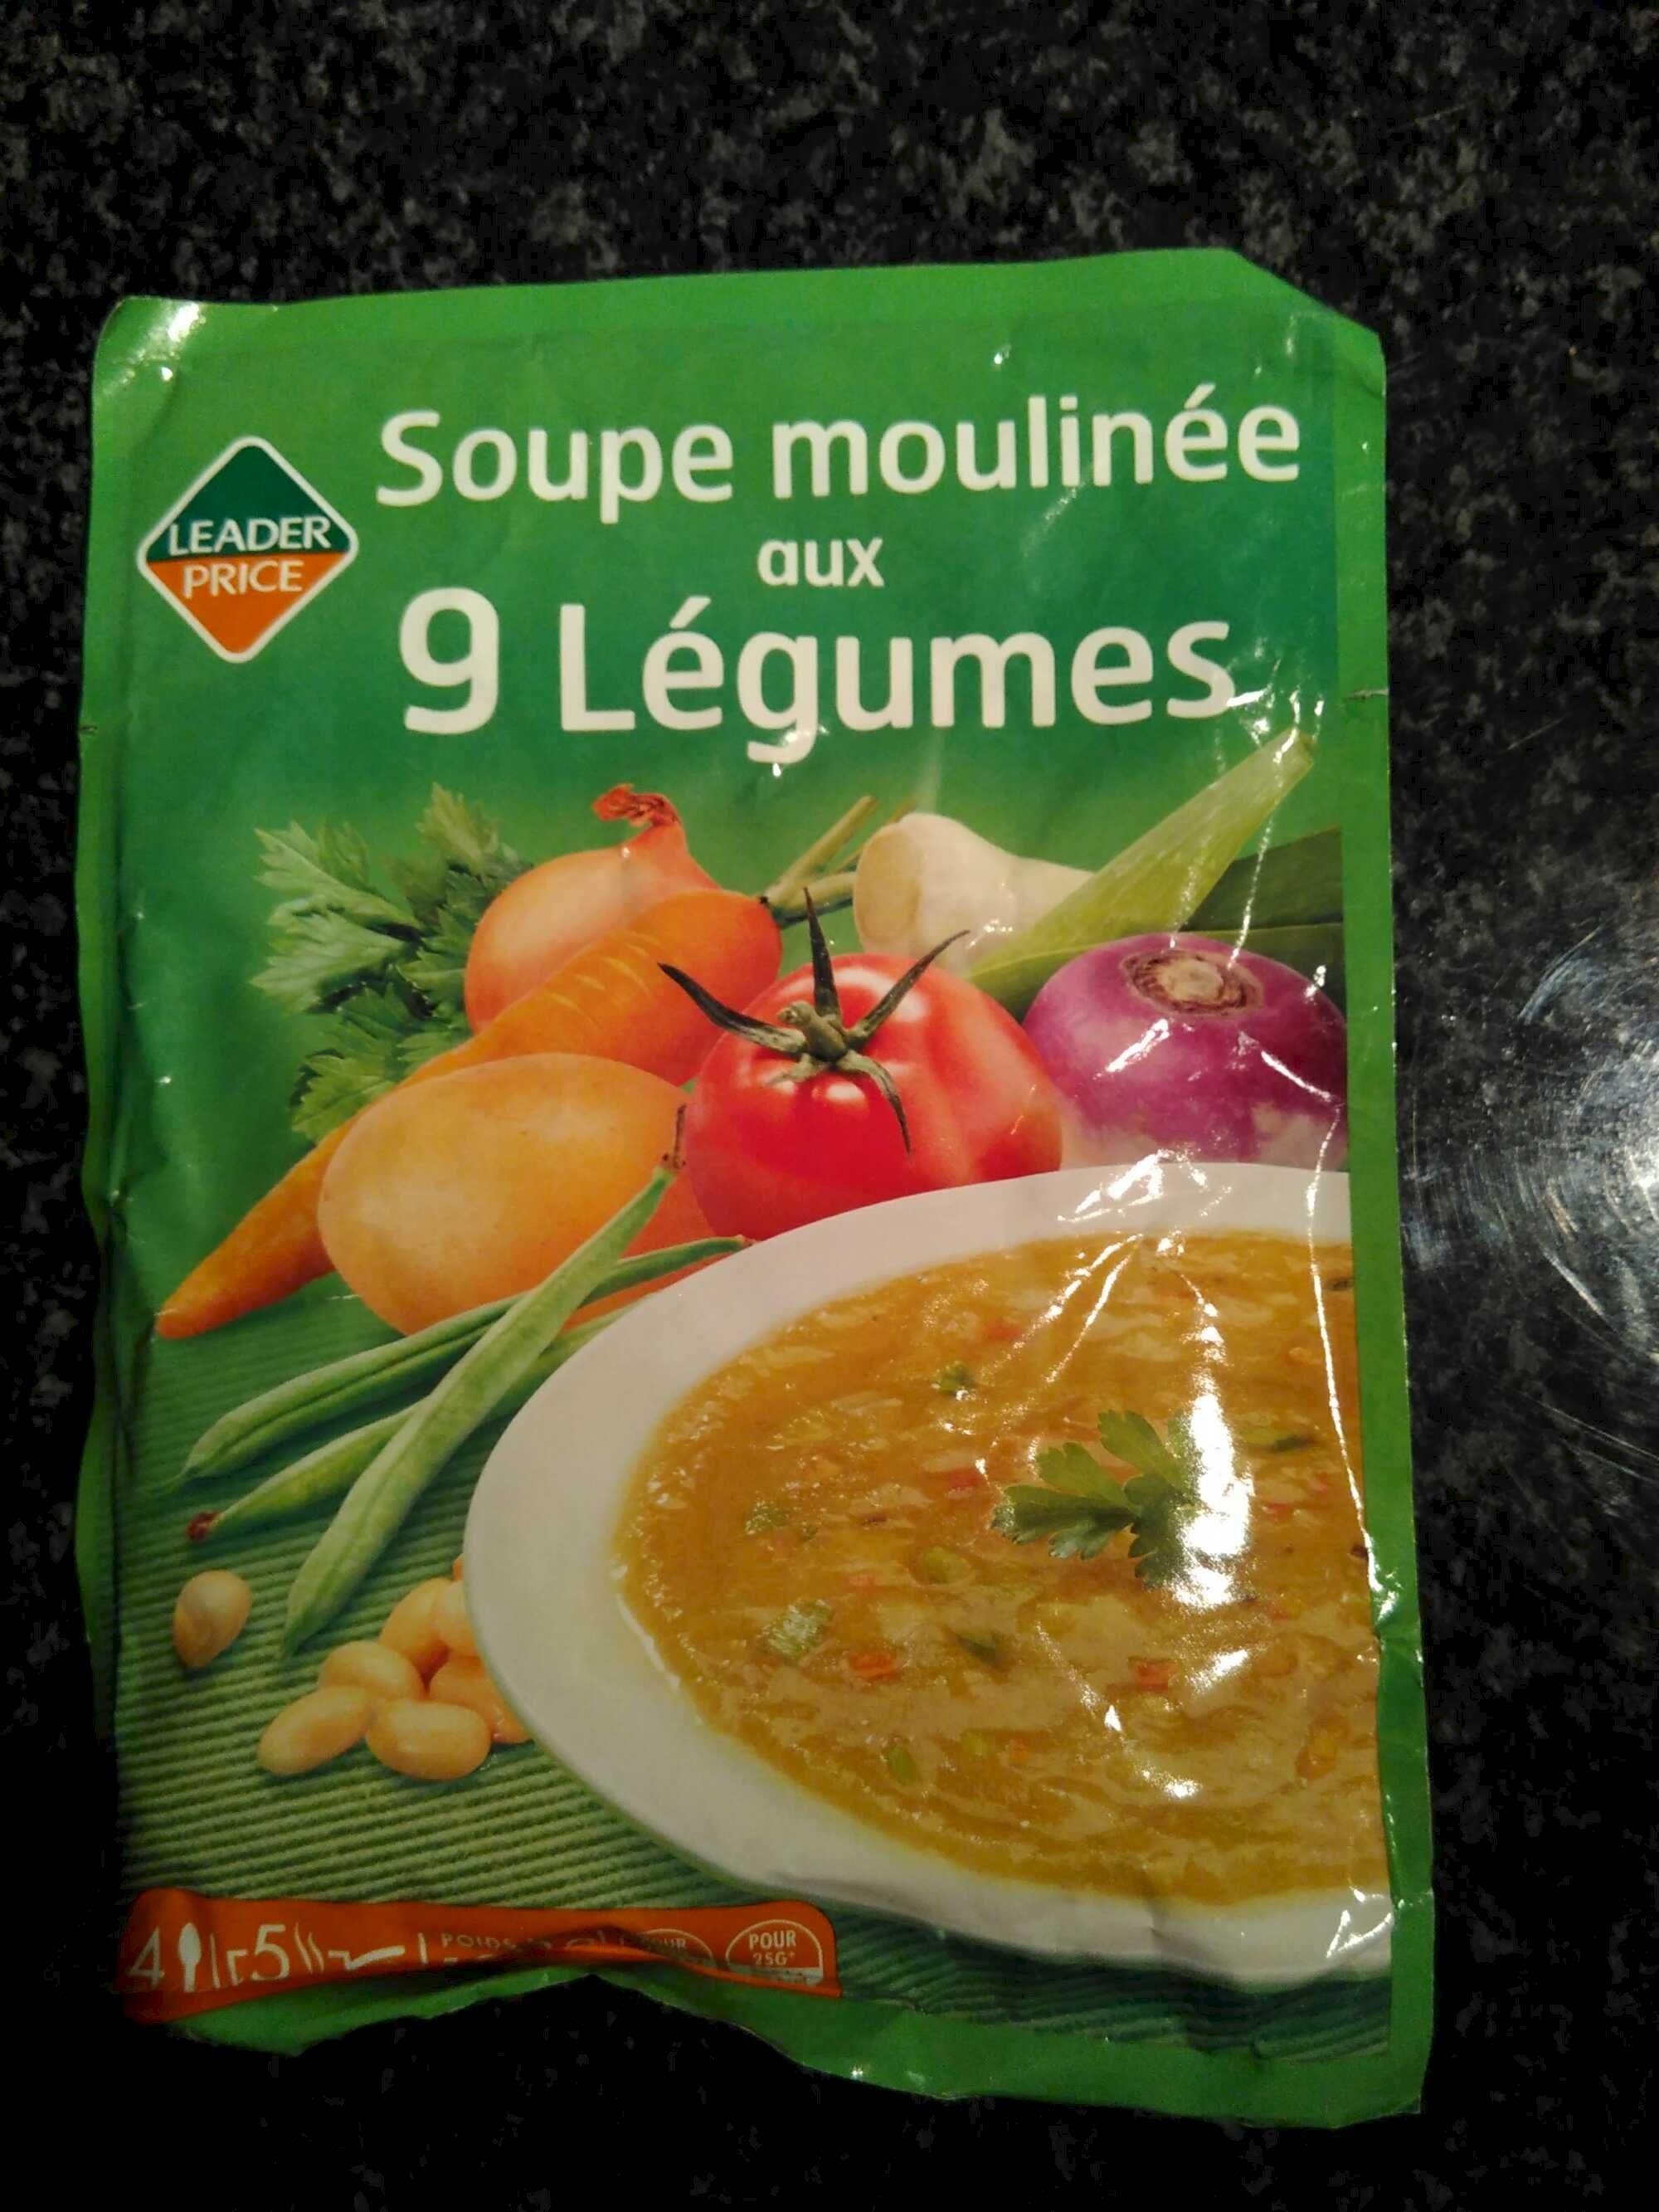 Soupe moulinée aux 9 légumes - Product - fr